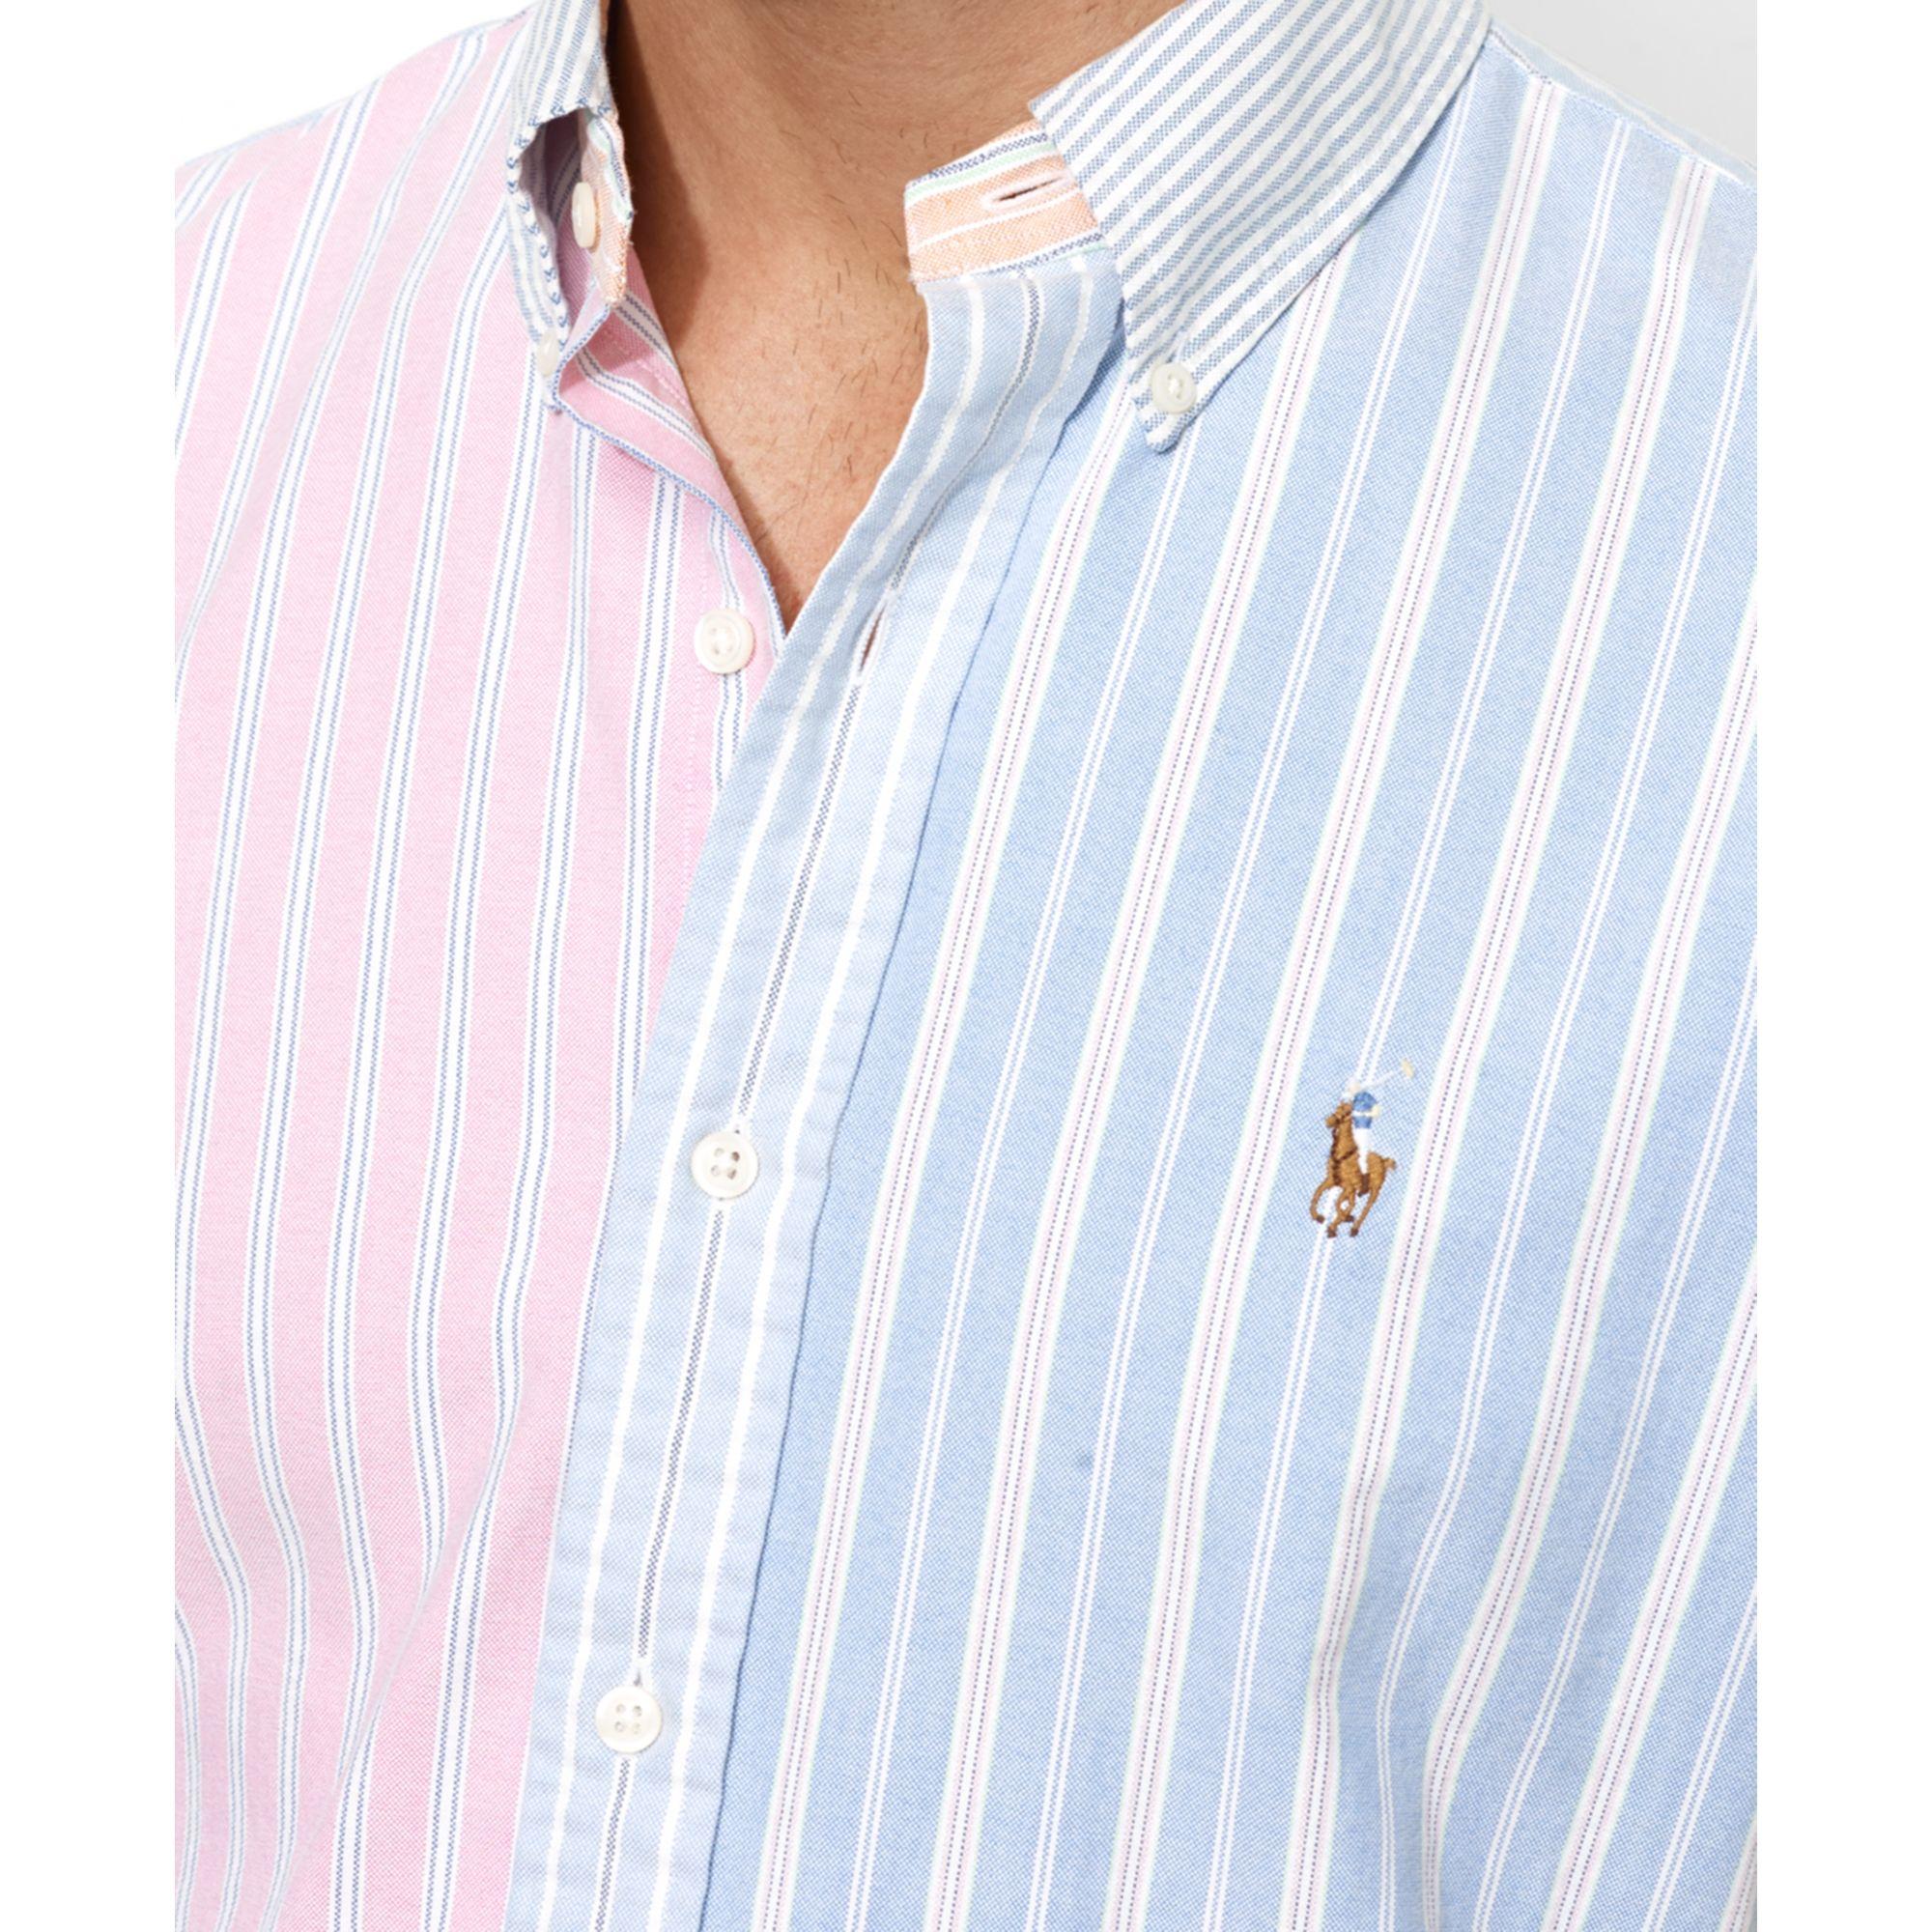 7e14f92235 ... netherlands lyst ralph lauren polo customfit oxford fun shirt for men  bb906 54f4b